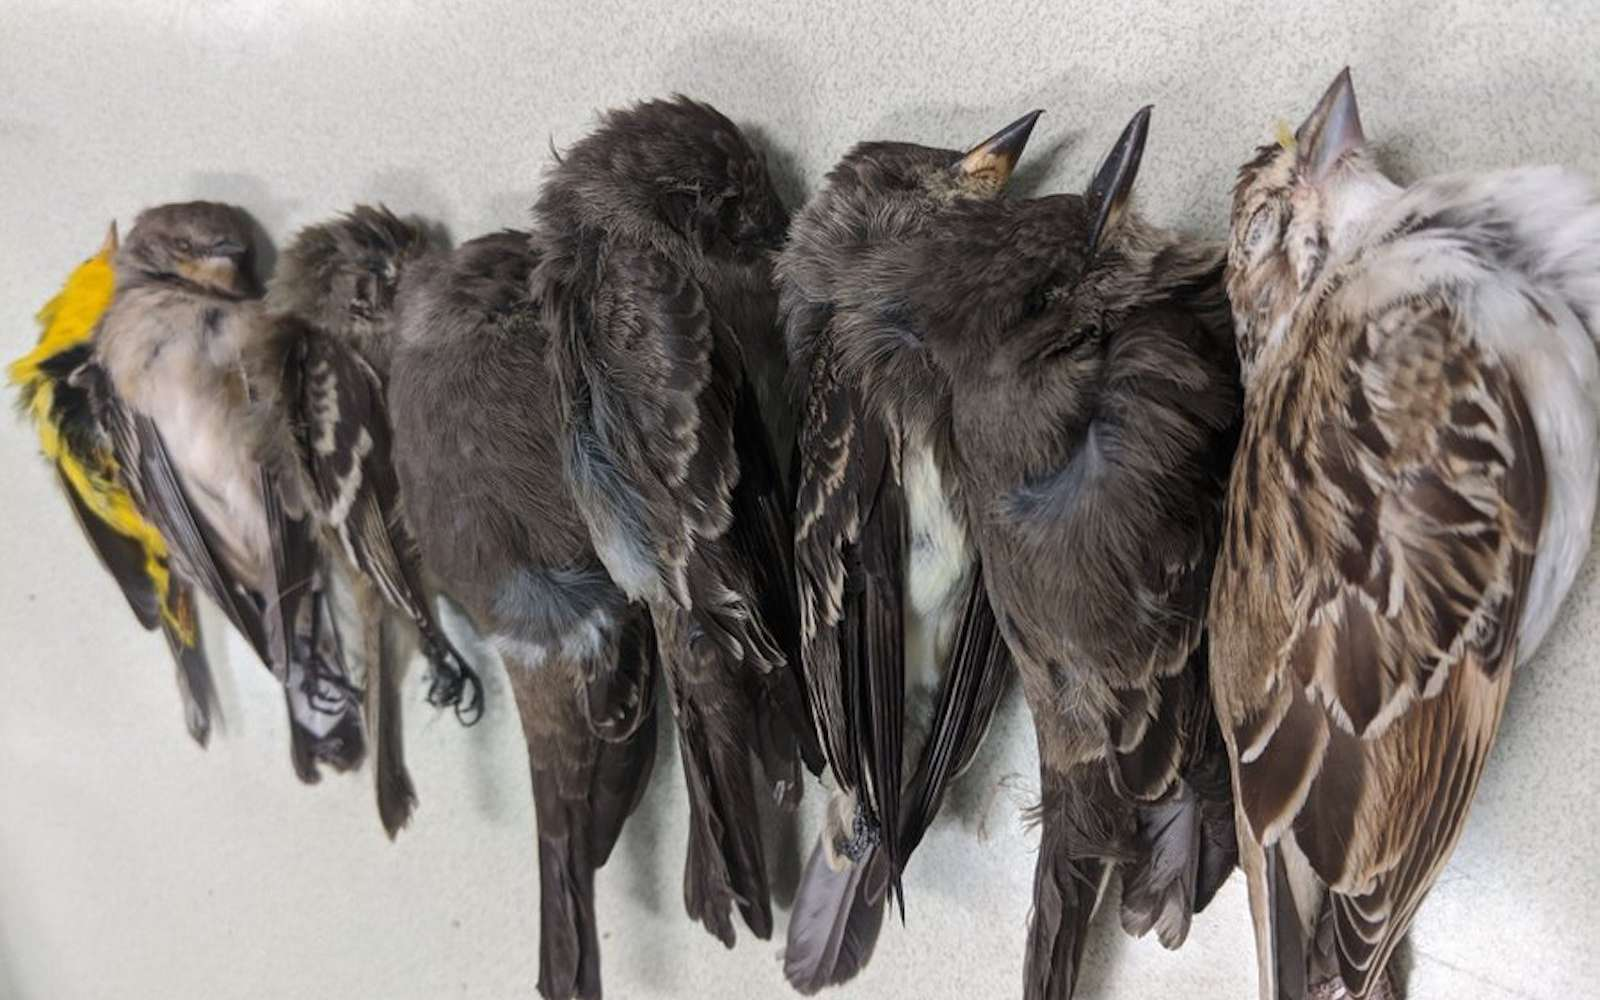 Des centaines de milliers d'oiseaux morts, fauchés par la chaleur et la fumée aux États-unis. © Allison Salas, Twitter